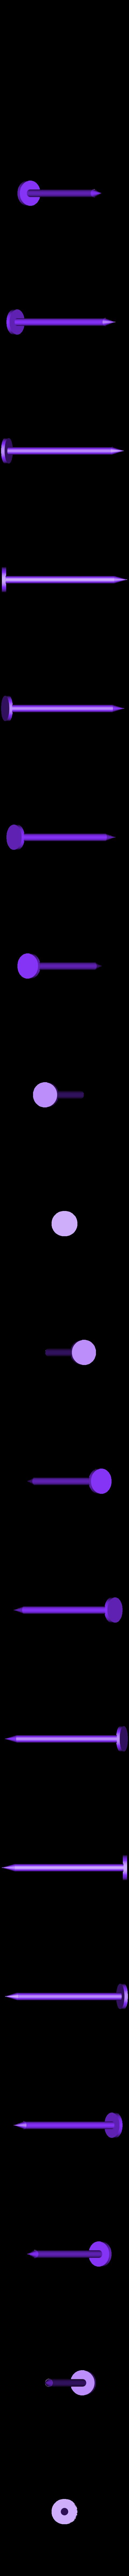 Caulk_Tube_Nail_Plug_-_Vert.stl Download free STL file Caulk Tube Nail Plug • 3D printable design, Mr_Tantrum